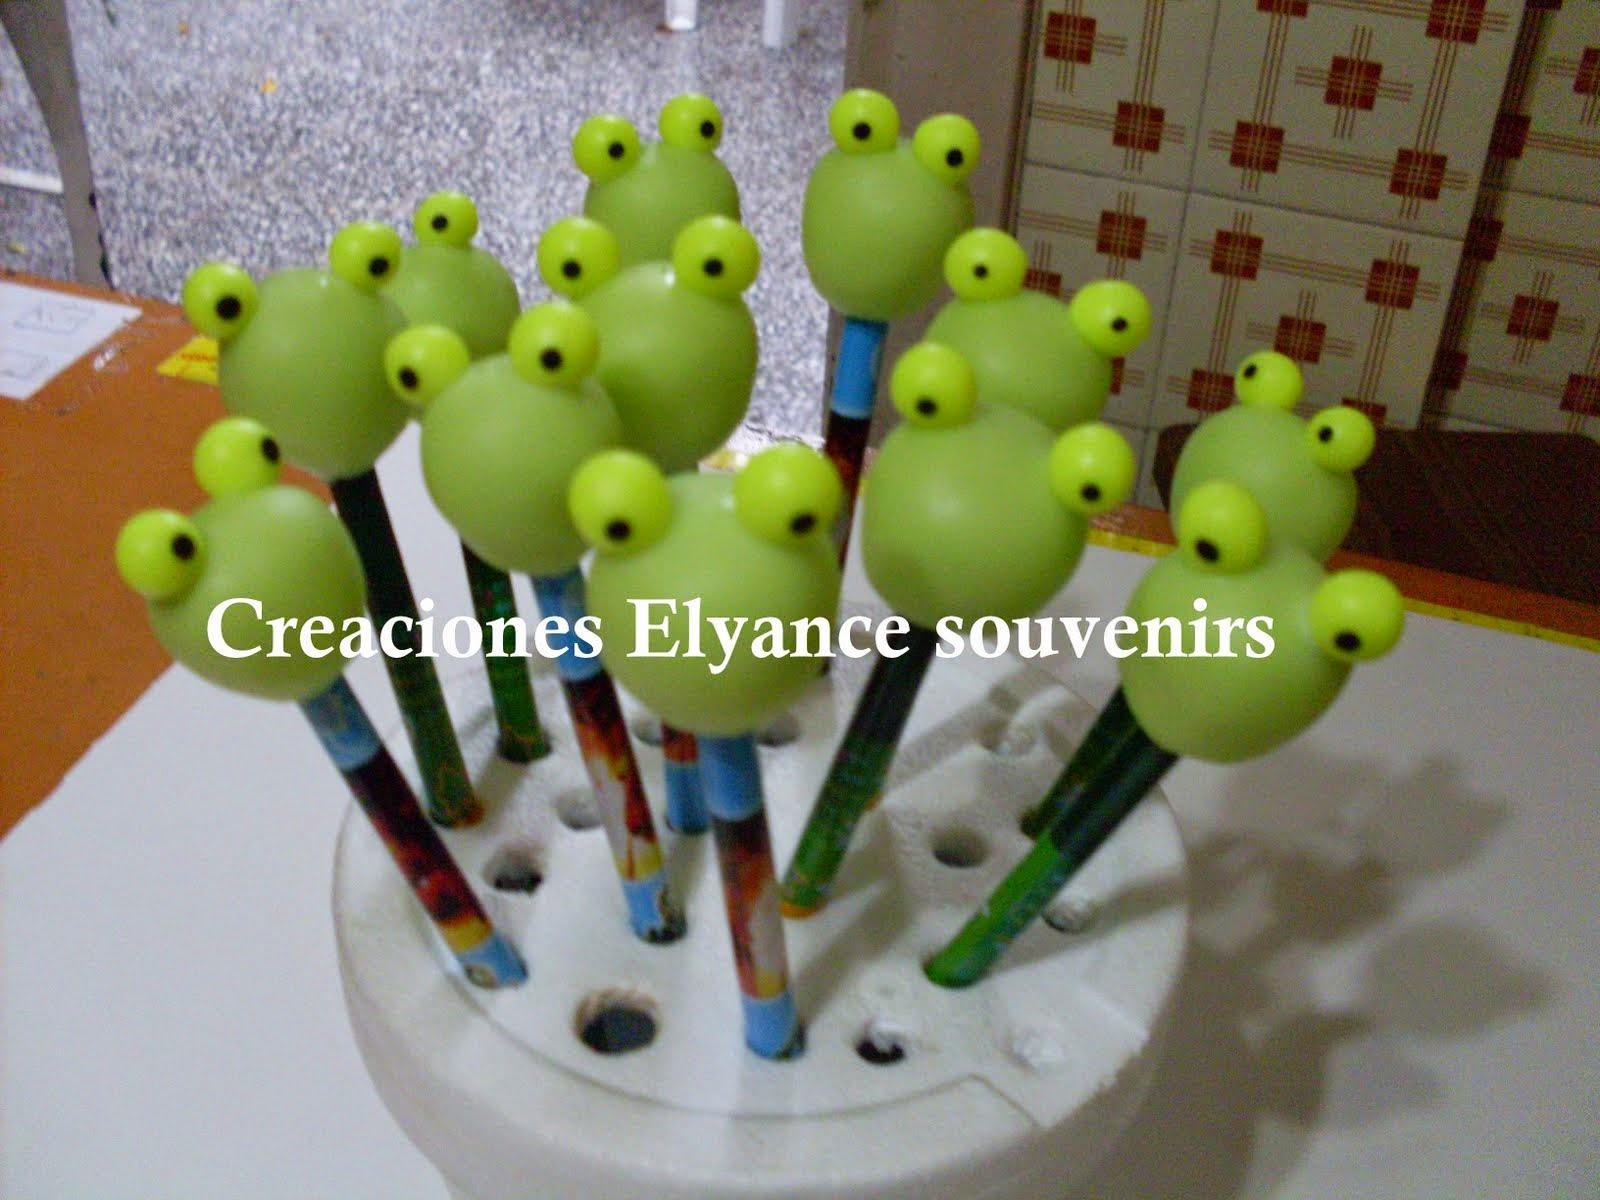 Creaciones Elyance